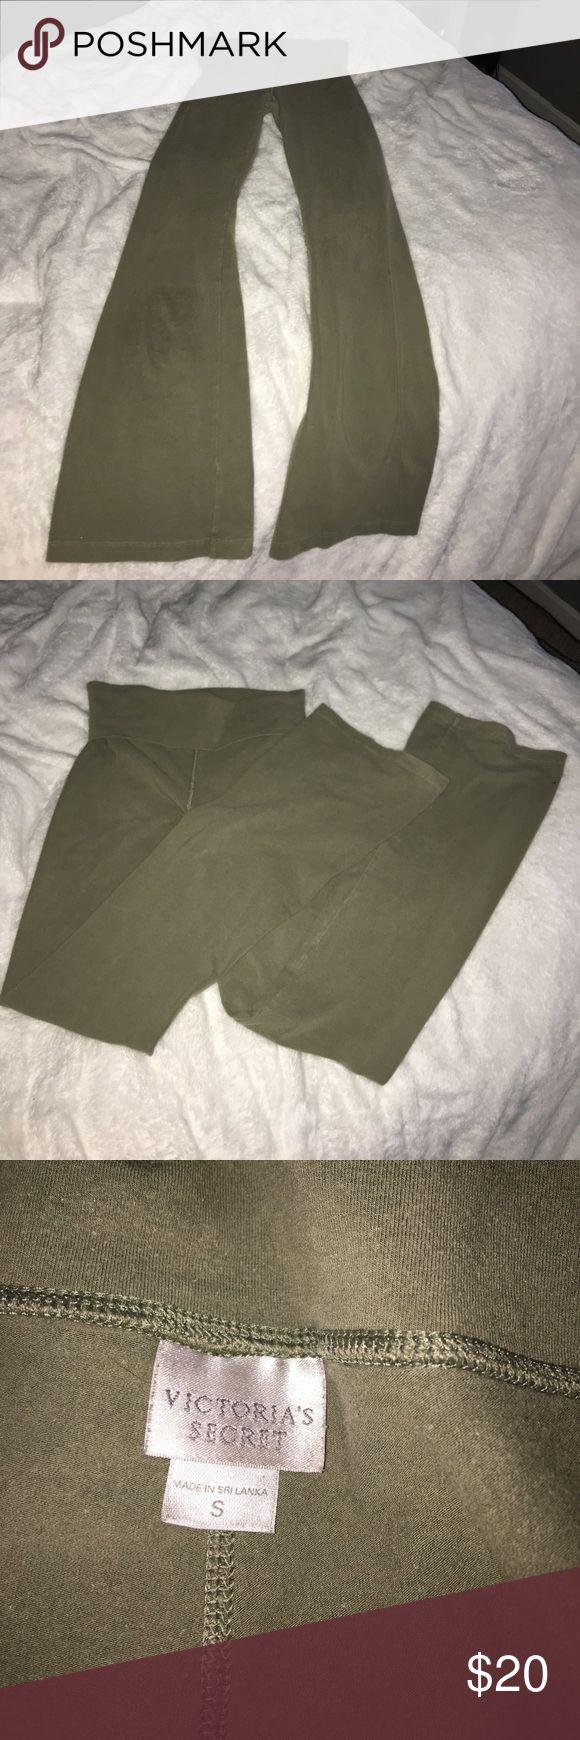 Victoria's Secret yoga pants Victoria's Secret fold over yoga pants in great condition! Victoria's Secret Pants Leggings